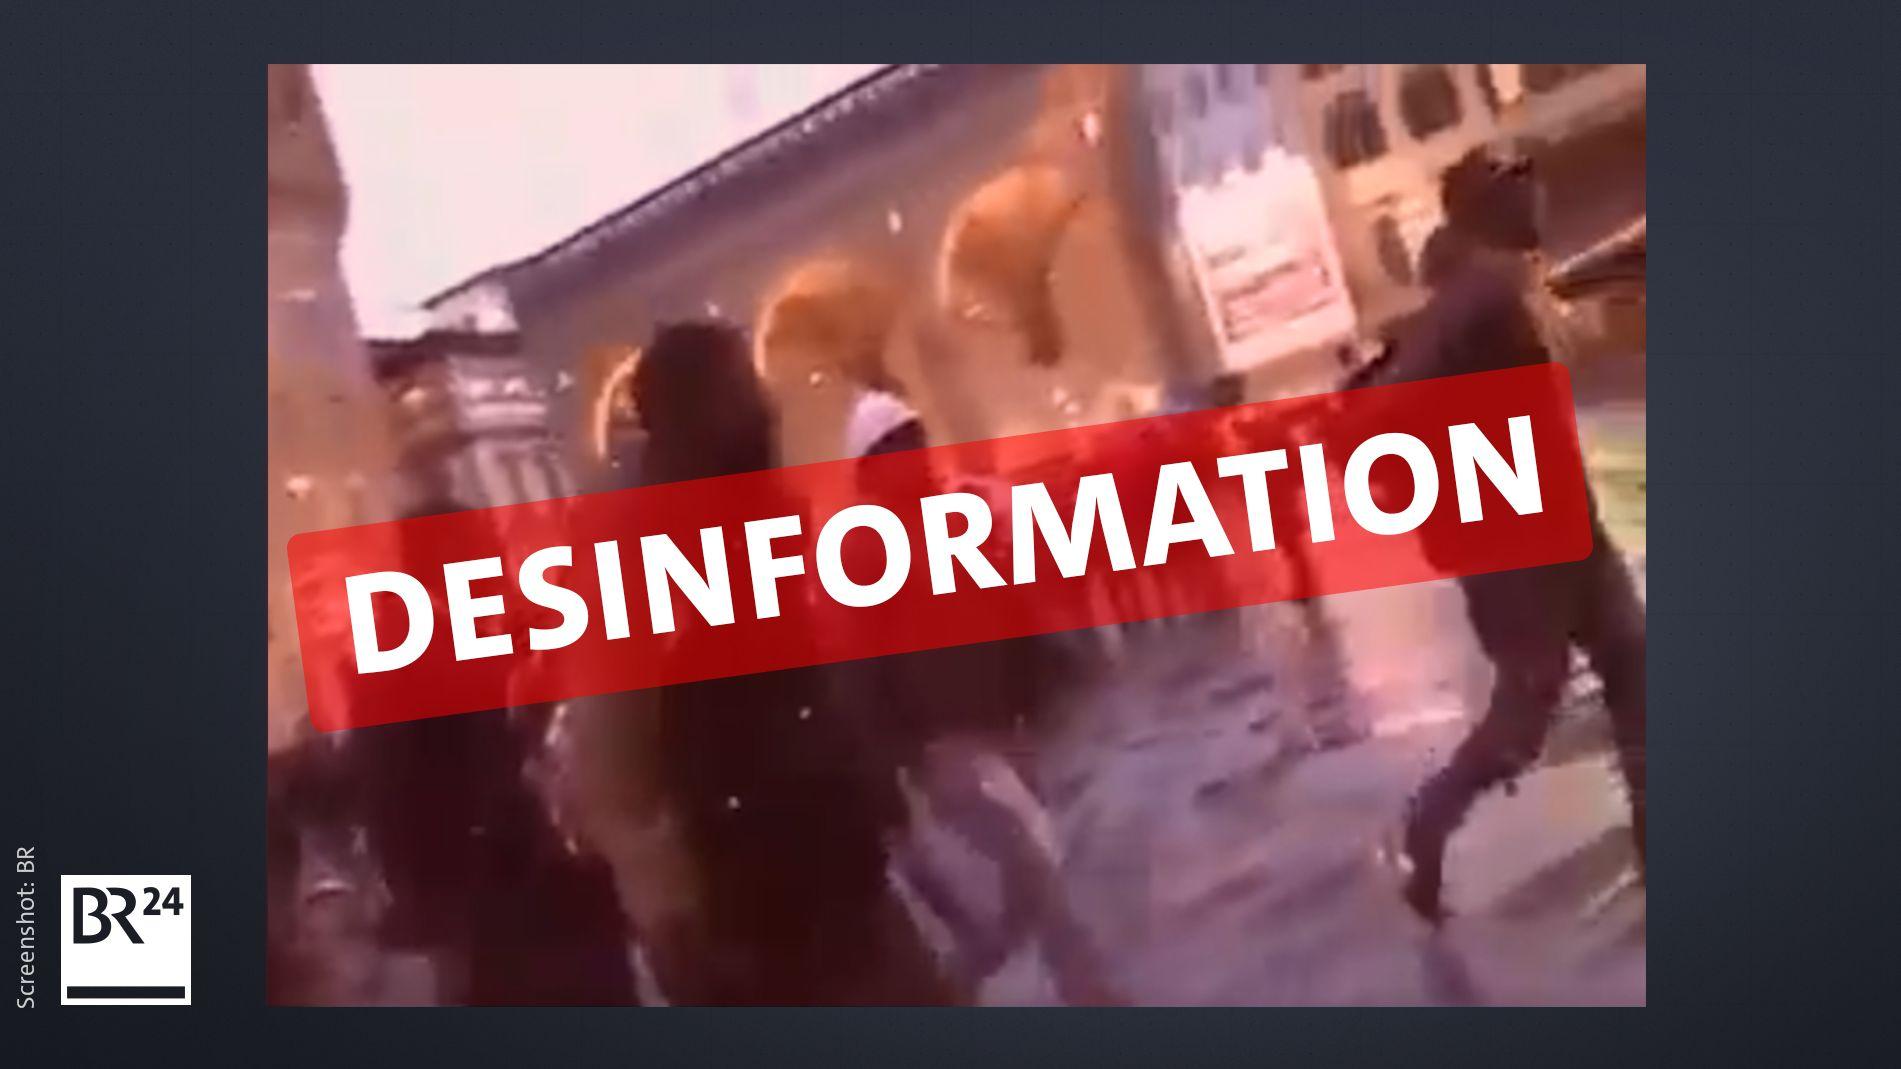 Das umstrittene Video zeigt zu Beginn die Loggia dei Lanzi in Florenz.